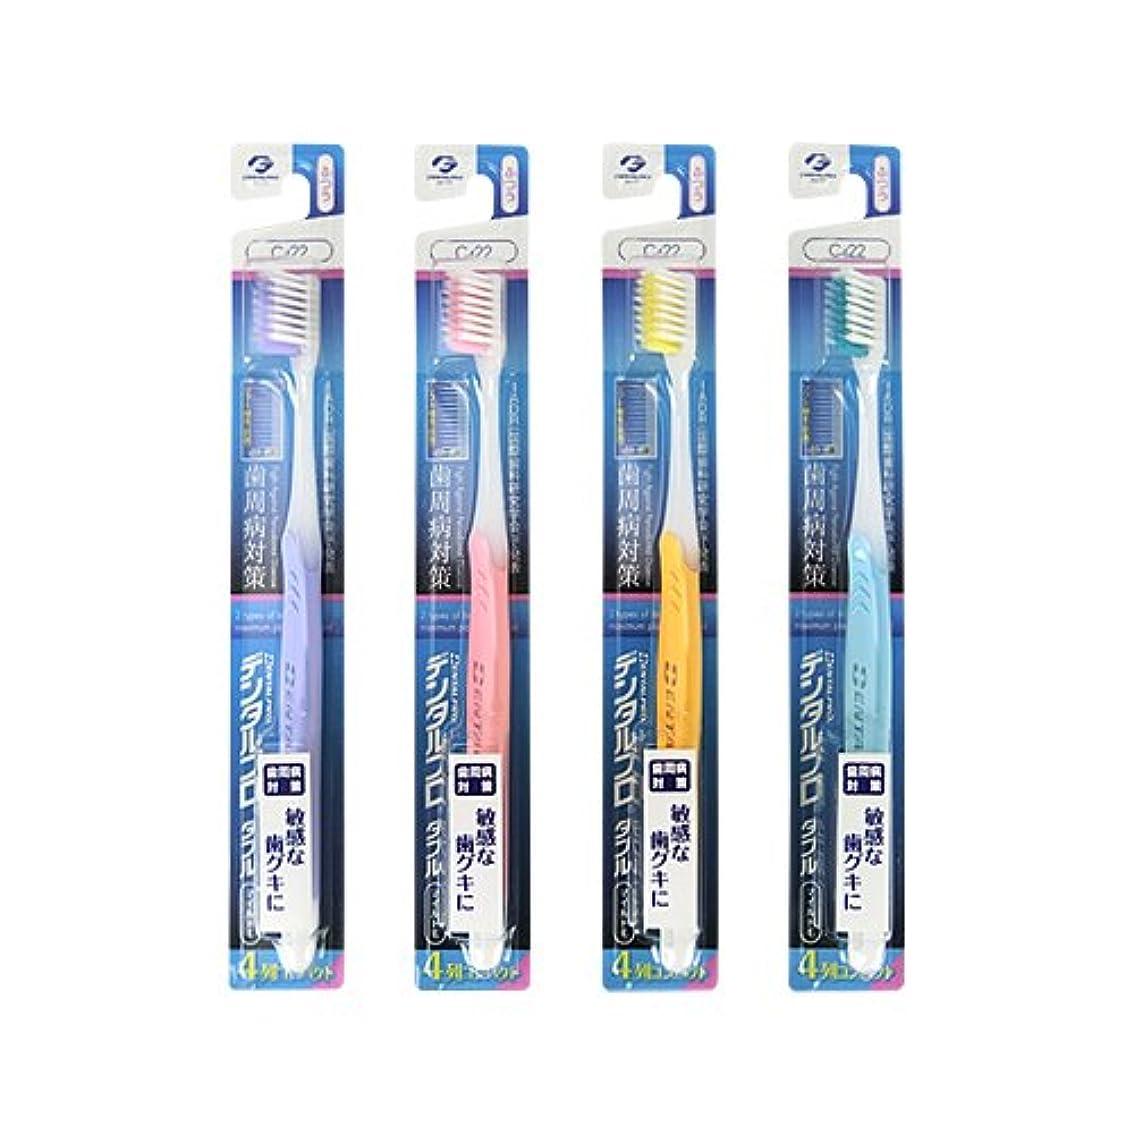 干渉するウィンク参照するデンタルプロ ダブル マイルド 4列 歯ブラシ 5本 (ふつう, 色はおまかせ)